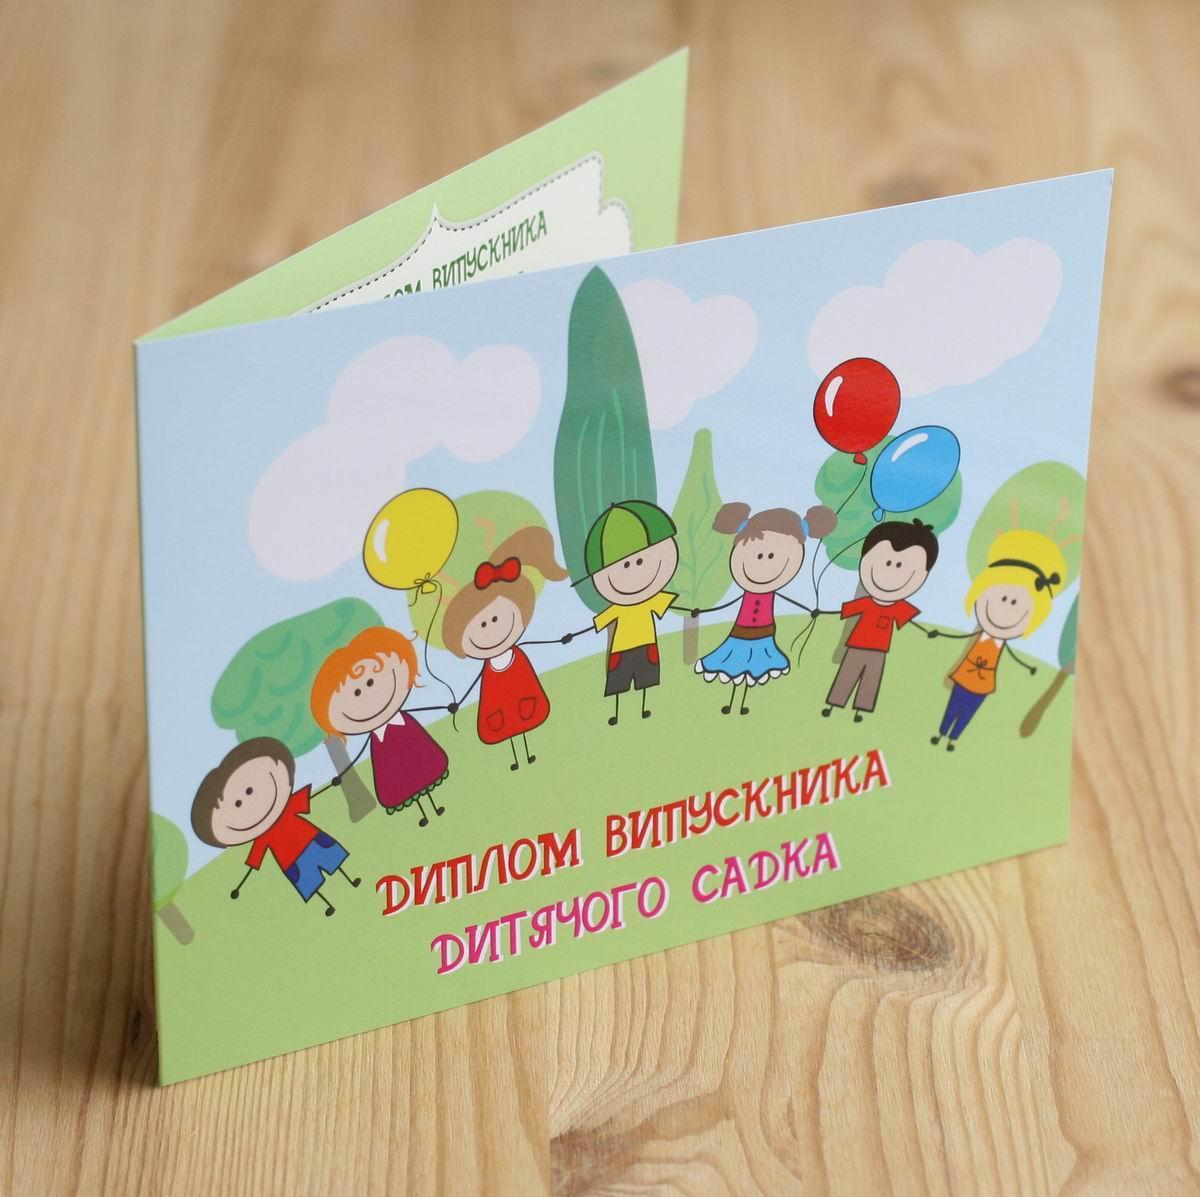 Диплом-открытка выпускника детского сада, Хоровод